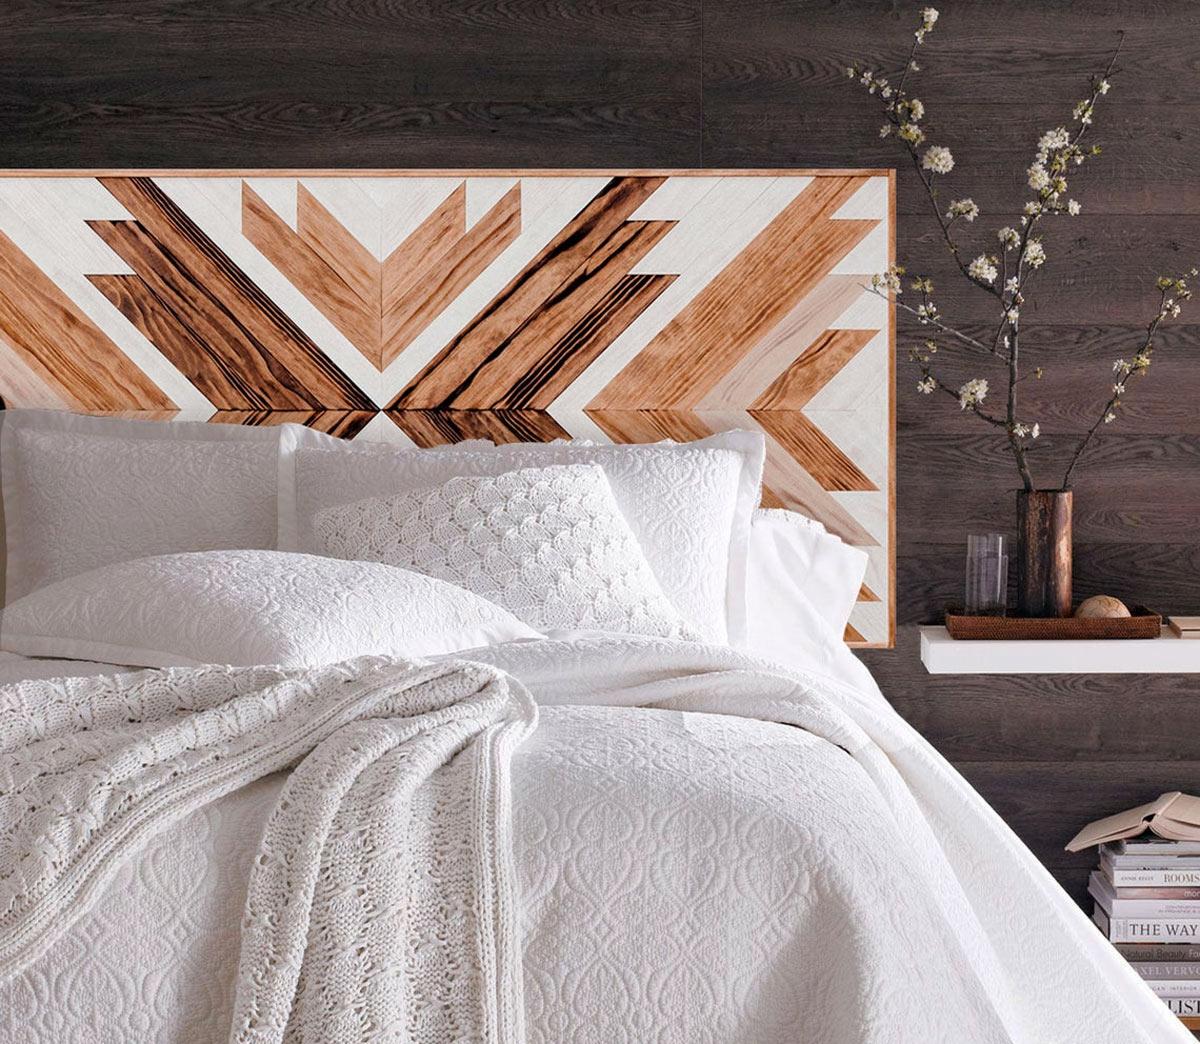 Testate per il letto creative e originali in legno.